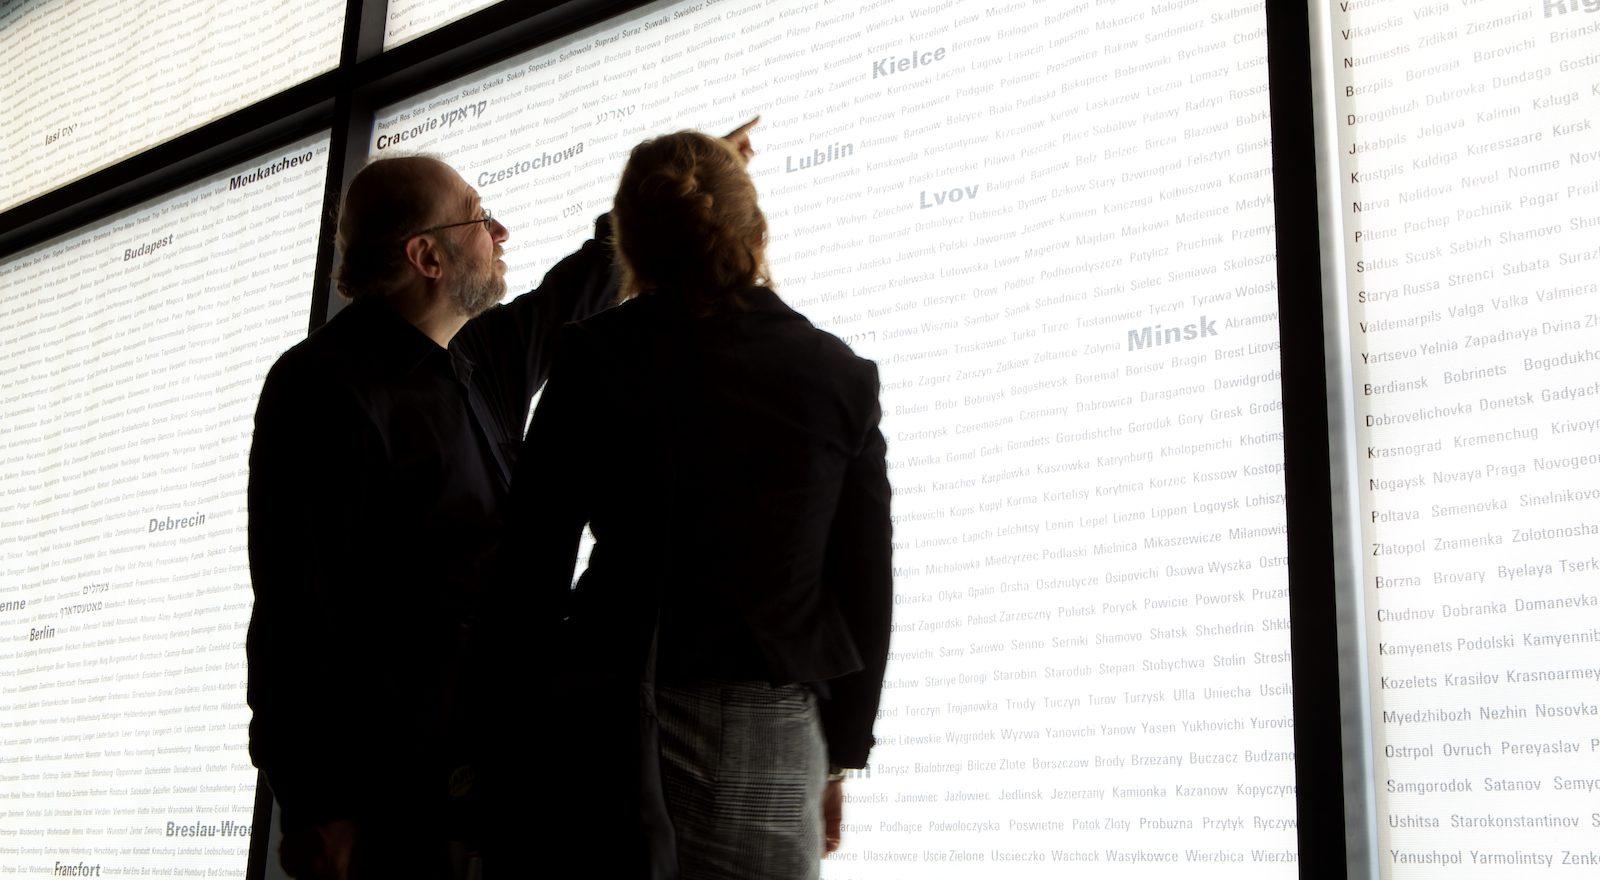 Guide montrant le nom des communautés persécutées pendant l'Holocauste.